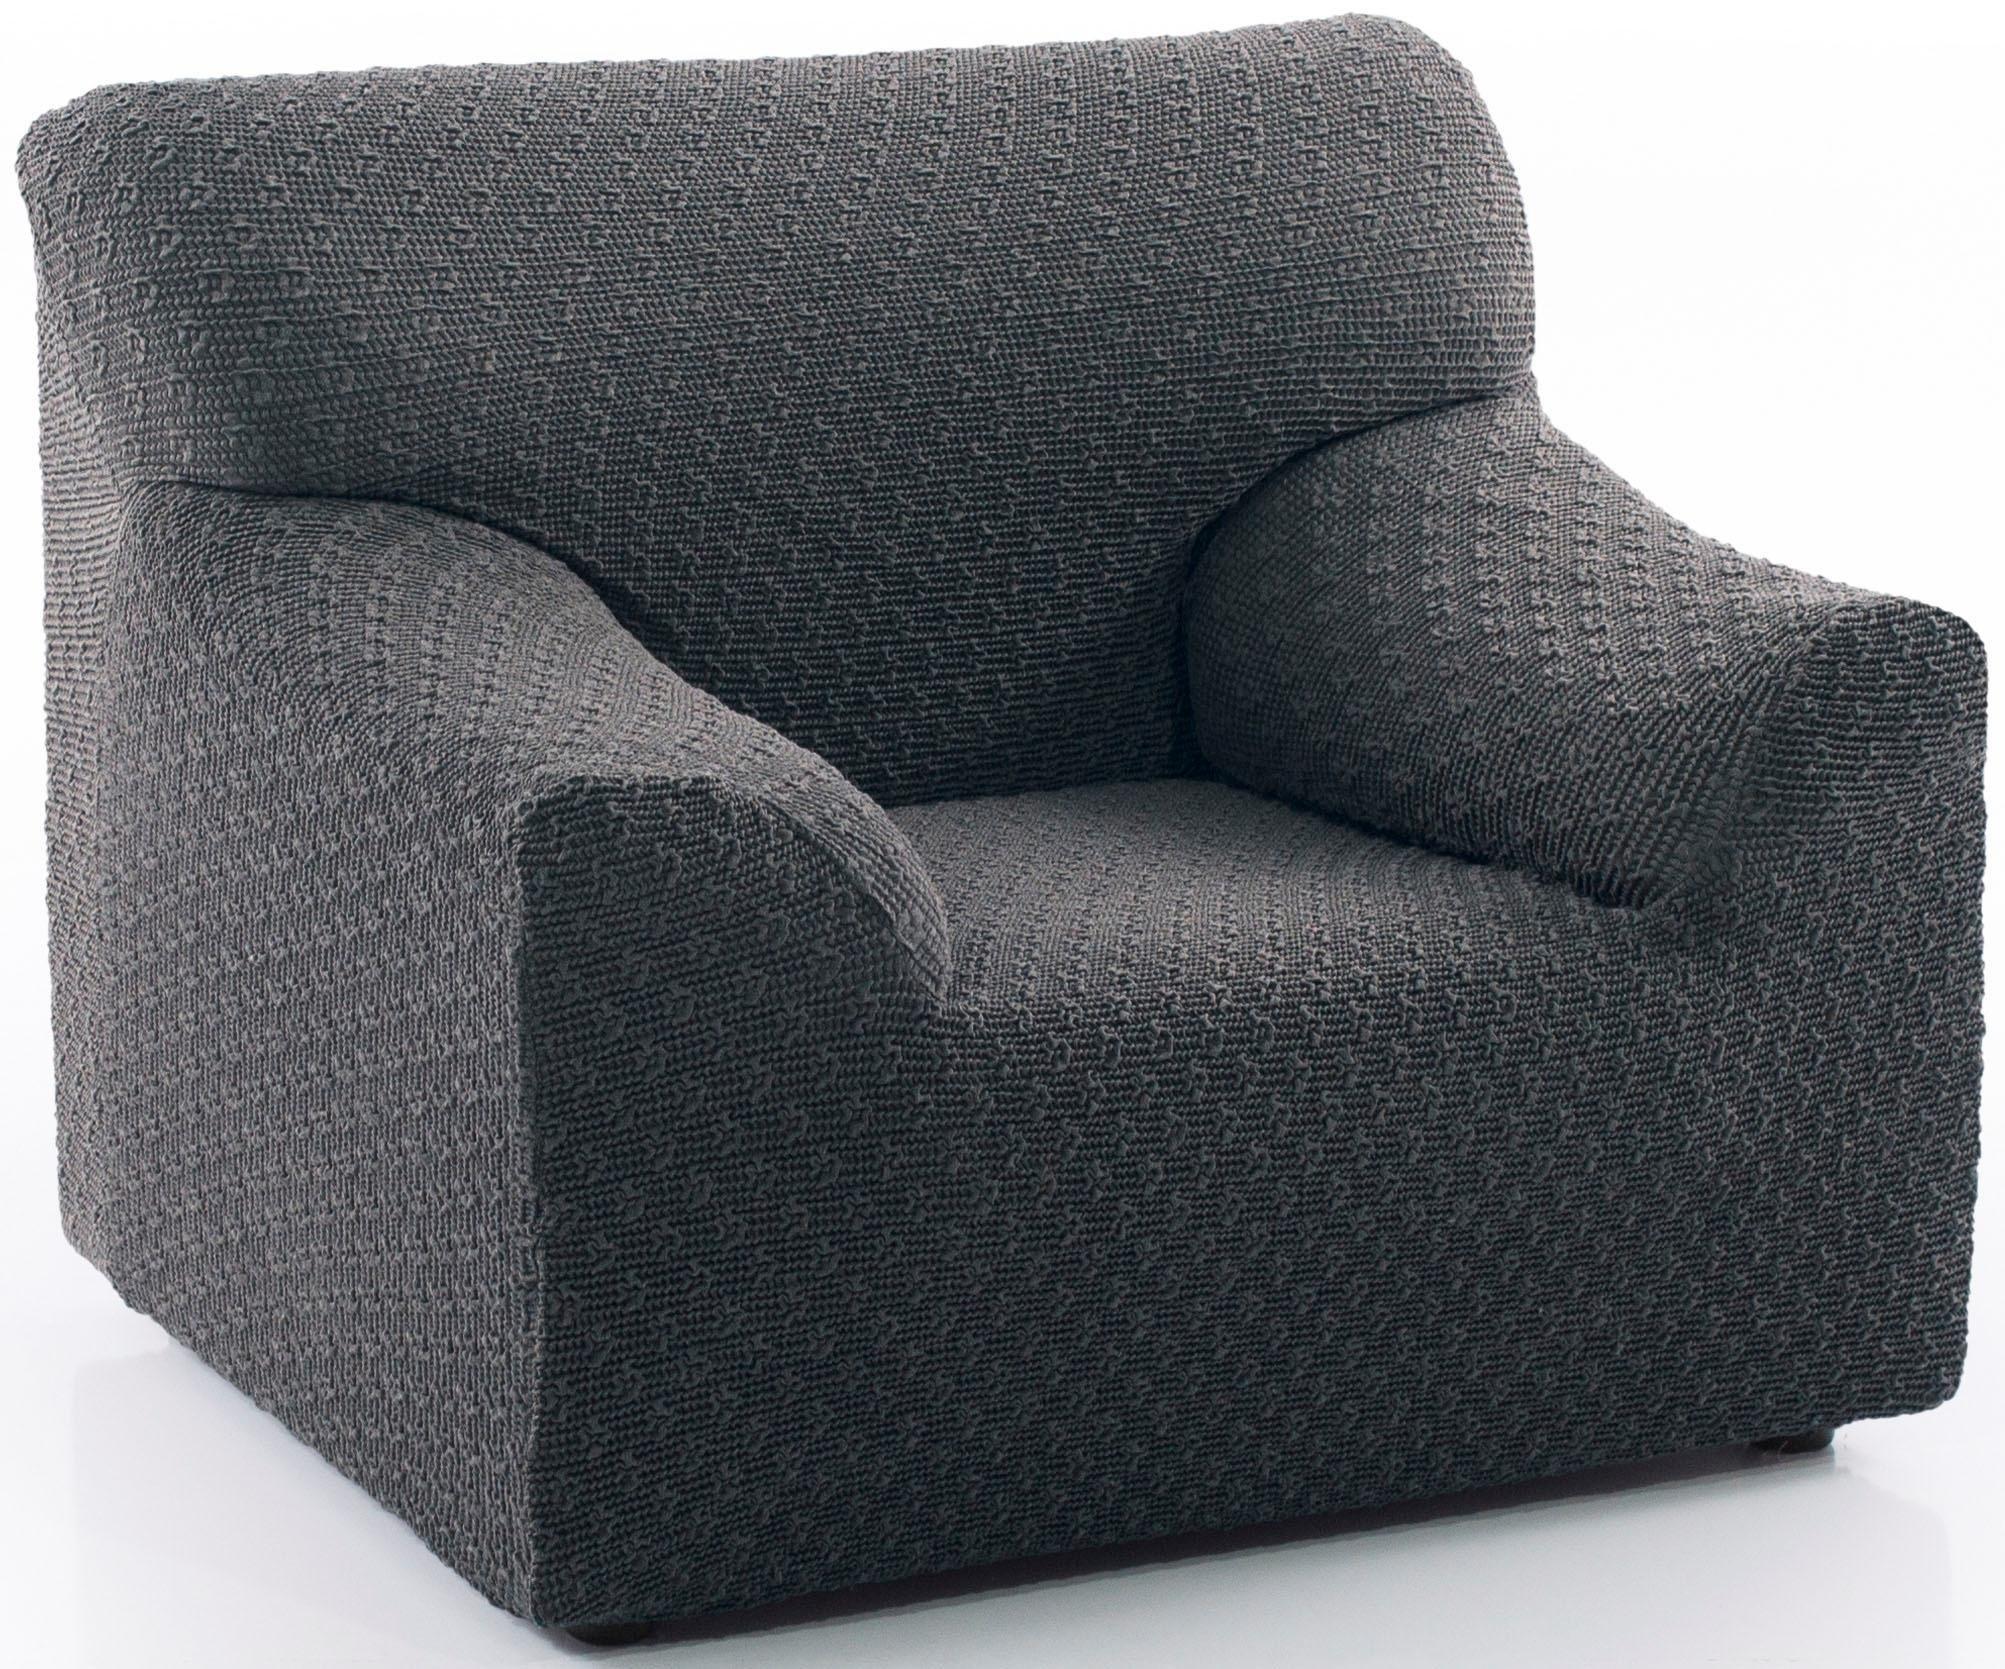 Sofaskins fauteuilhoes »Martin« bestellen: 30 dagen bedenktijd